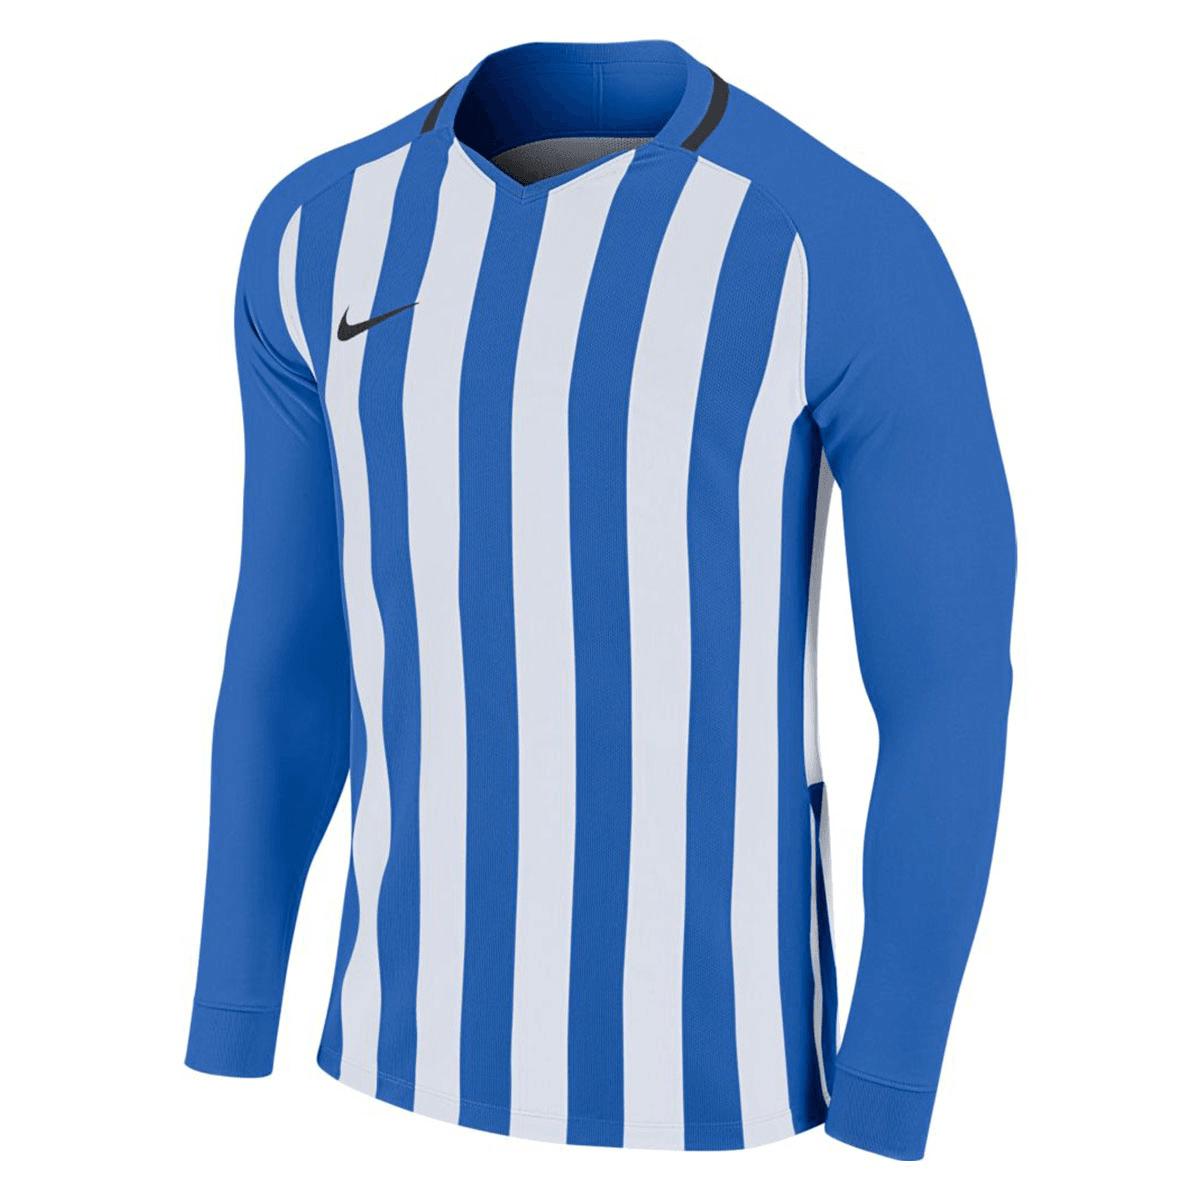 Nike lange mouwen shirt Striped Division III LS Jersey blauwwit